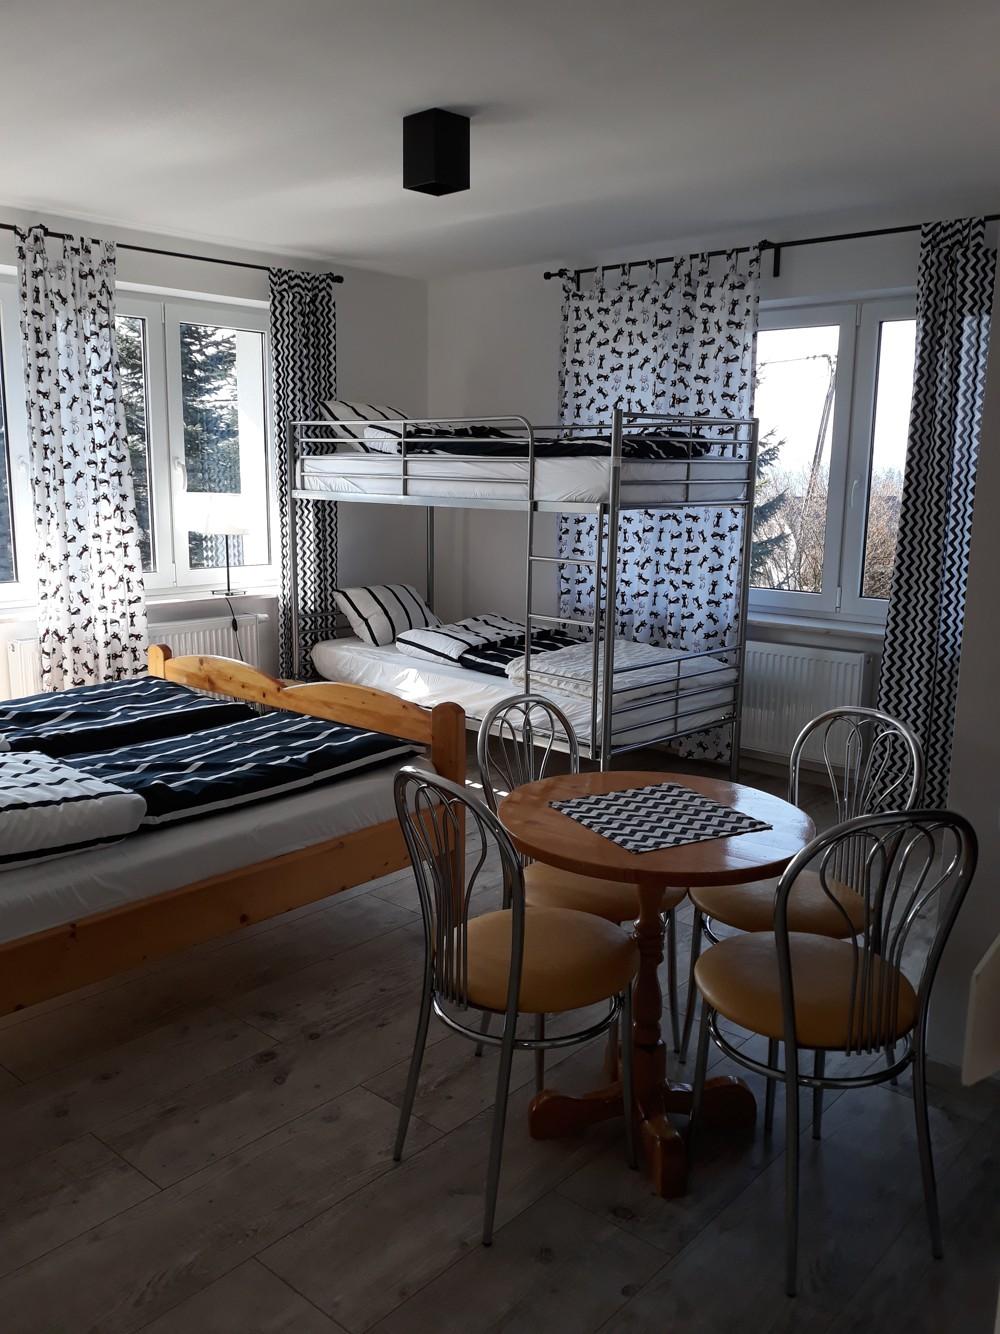 Pokój 4 osobowy z łazienka i balkonem.